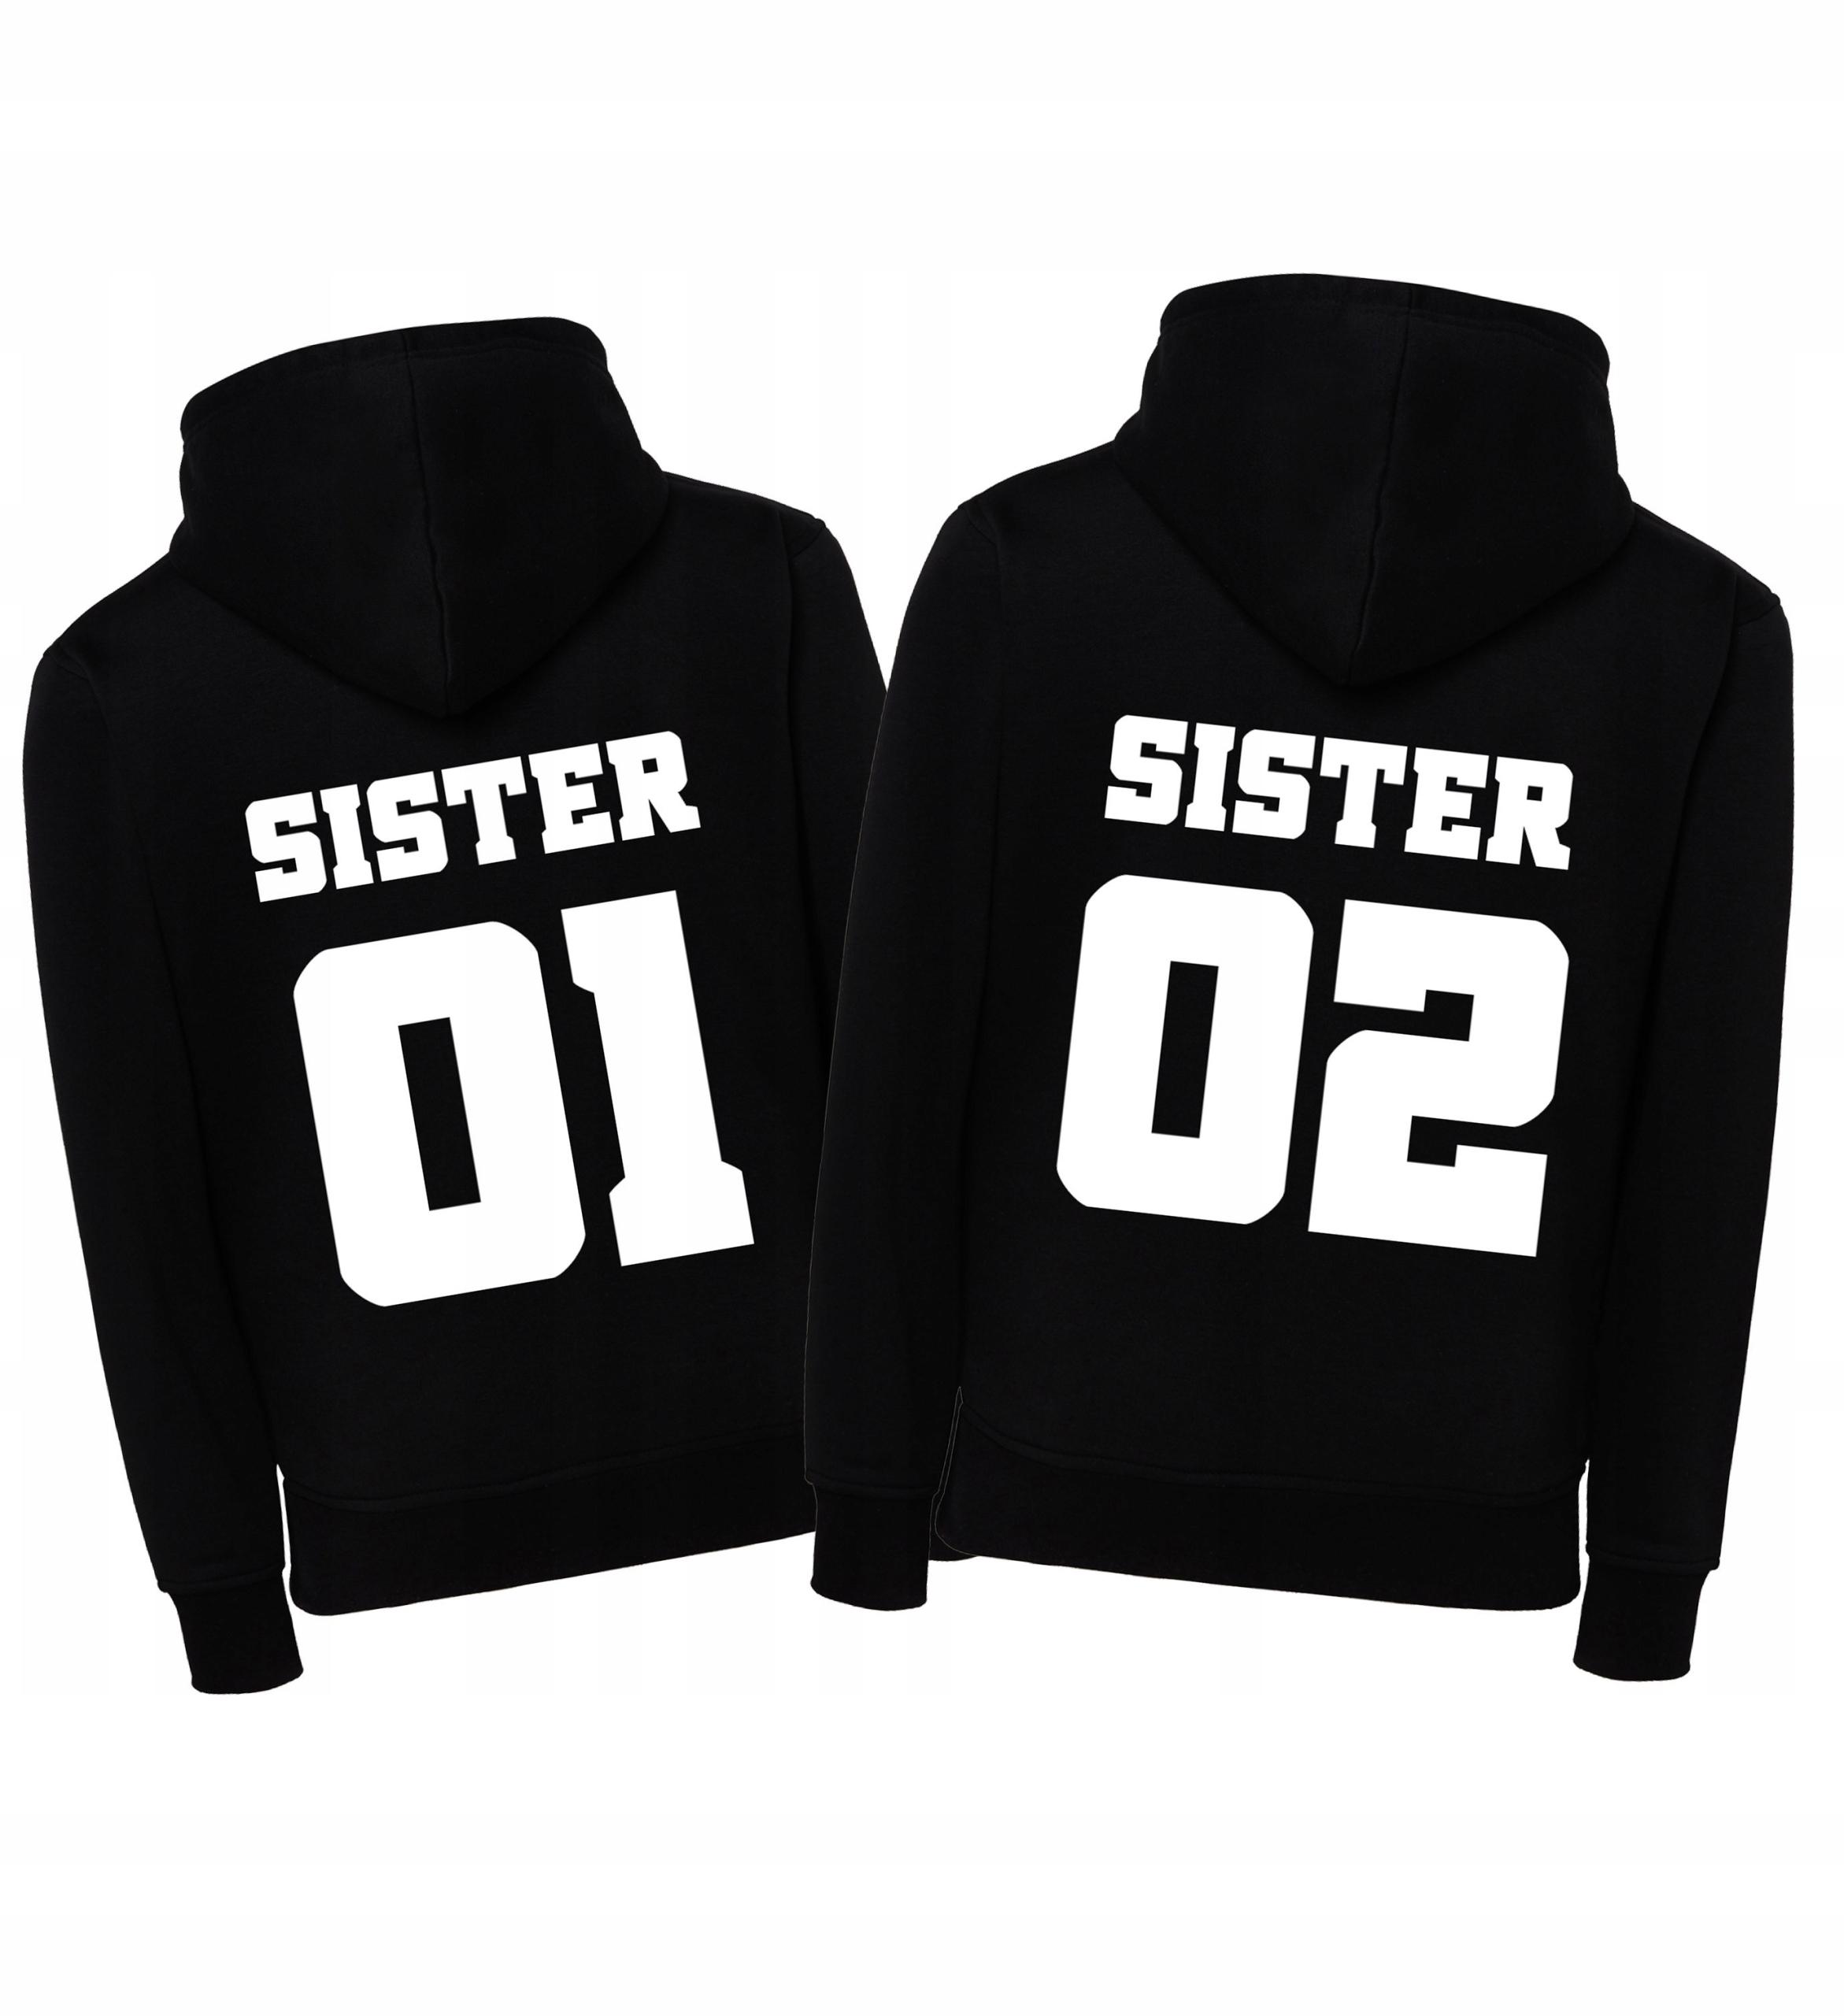 Bluzy Dla Przyjaciolek Bff Friends Sister Wzory 8900003913 Allegro Pl